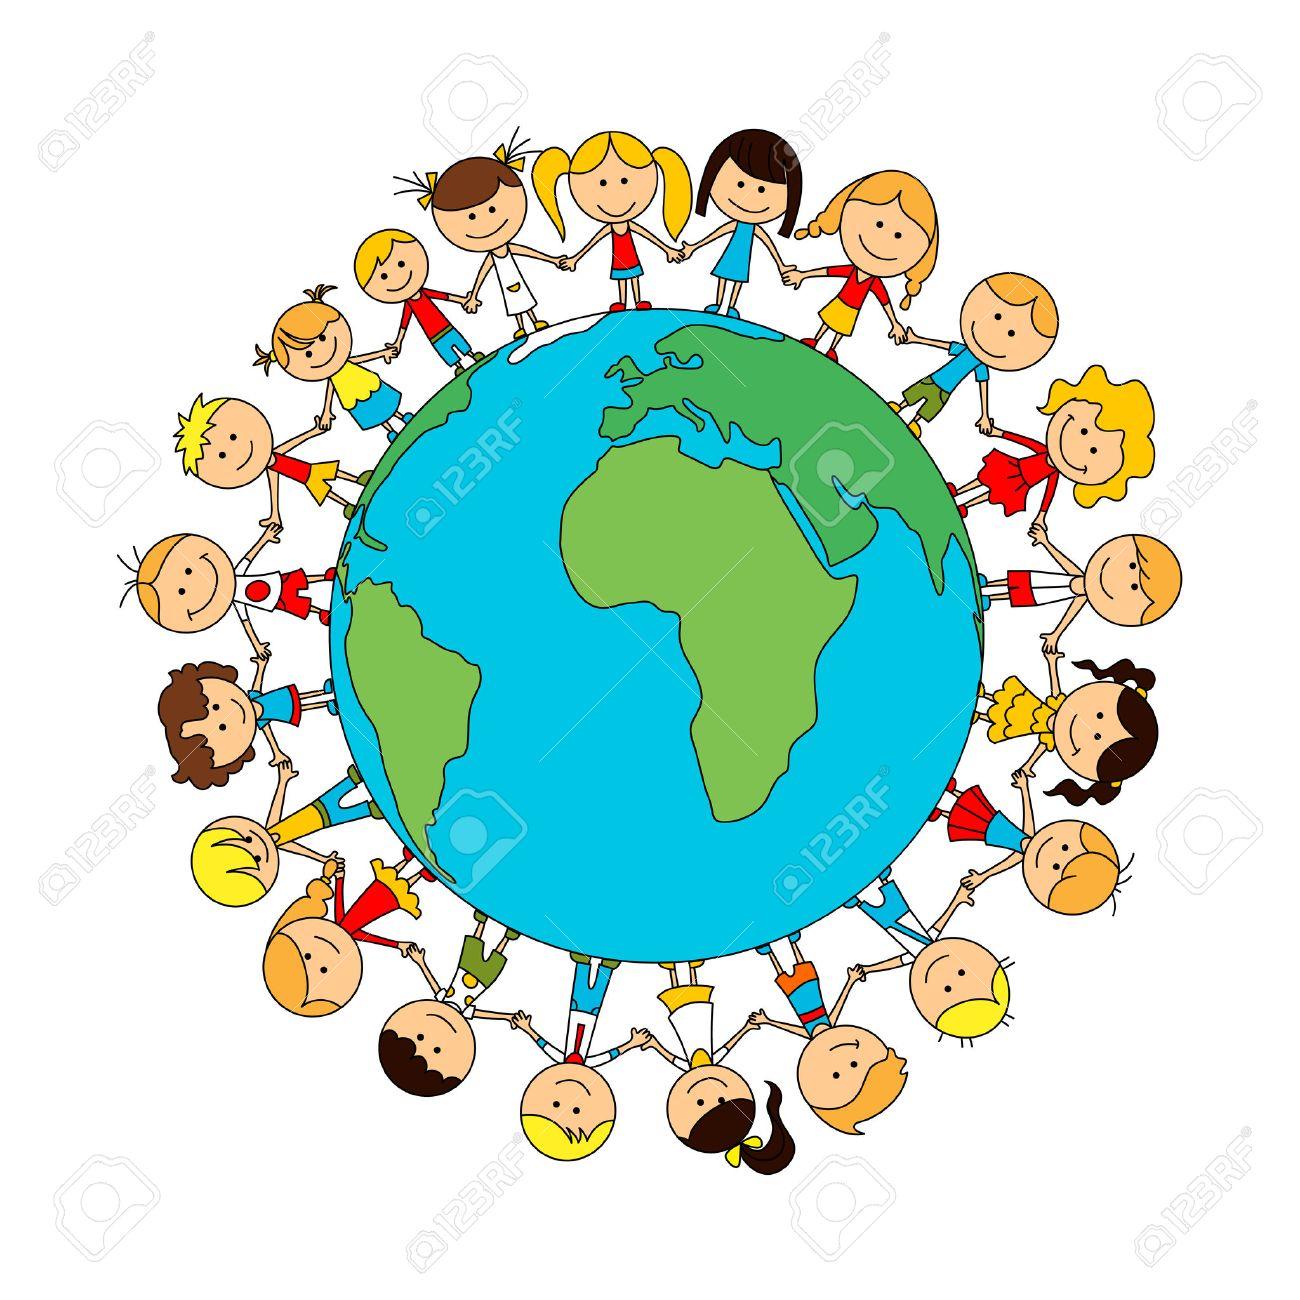 Mundo De Los Niños Cartel De La Amistad De Dibujos Animados Niños